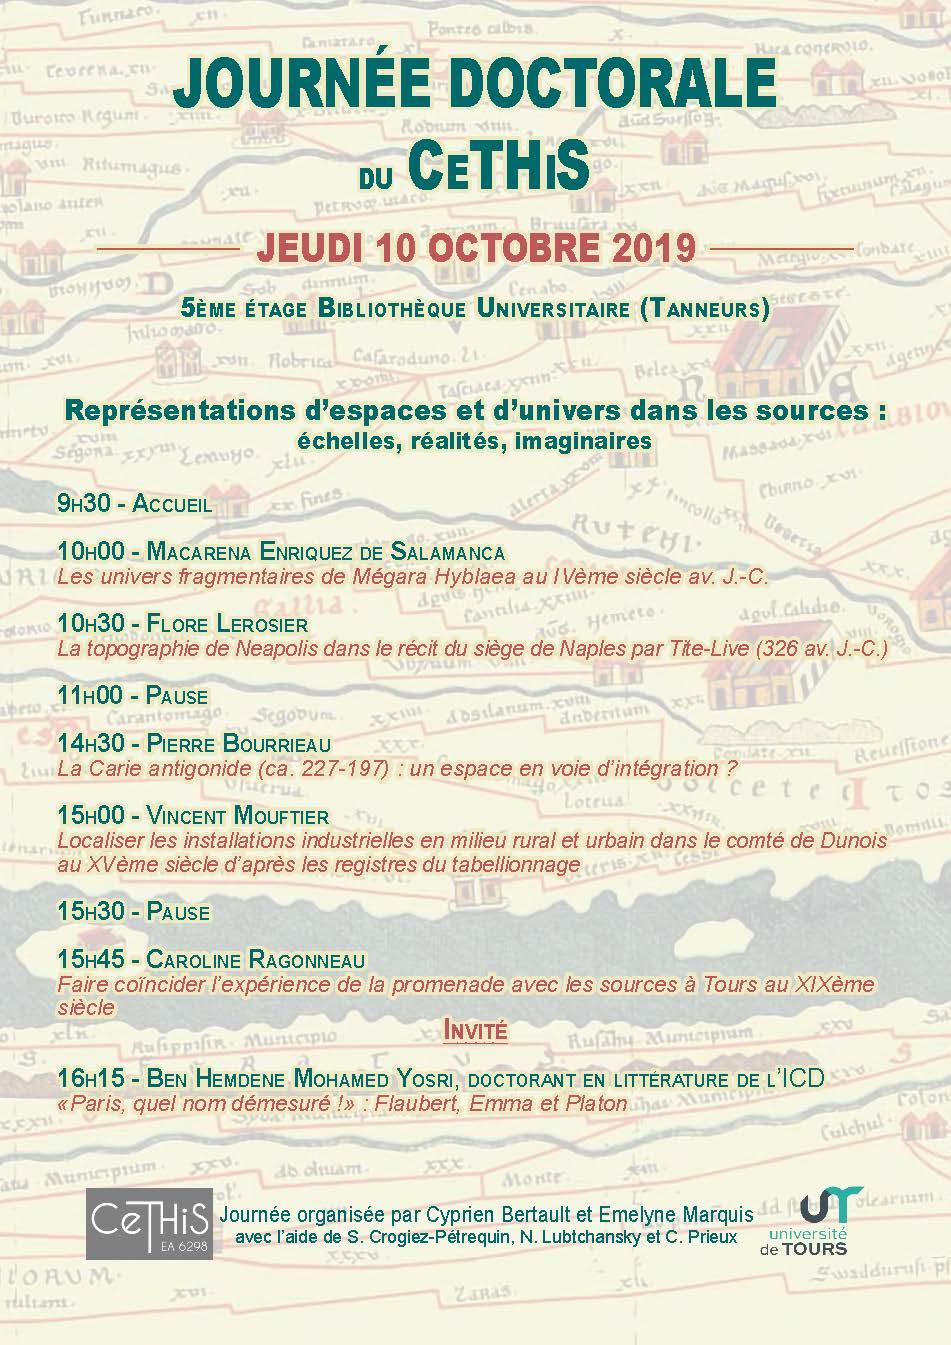 affiche Journée des doctorants du CeTHiS 2019